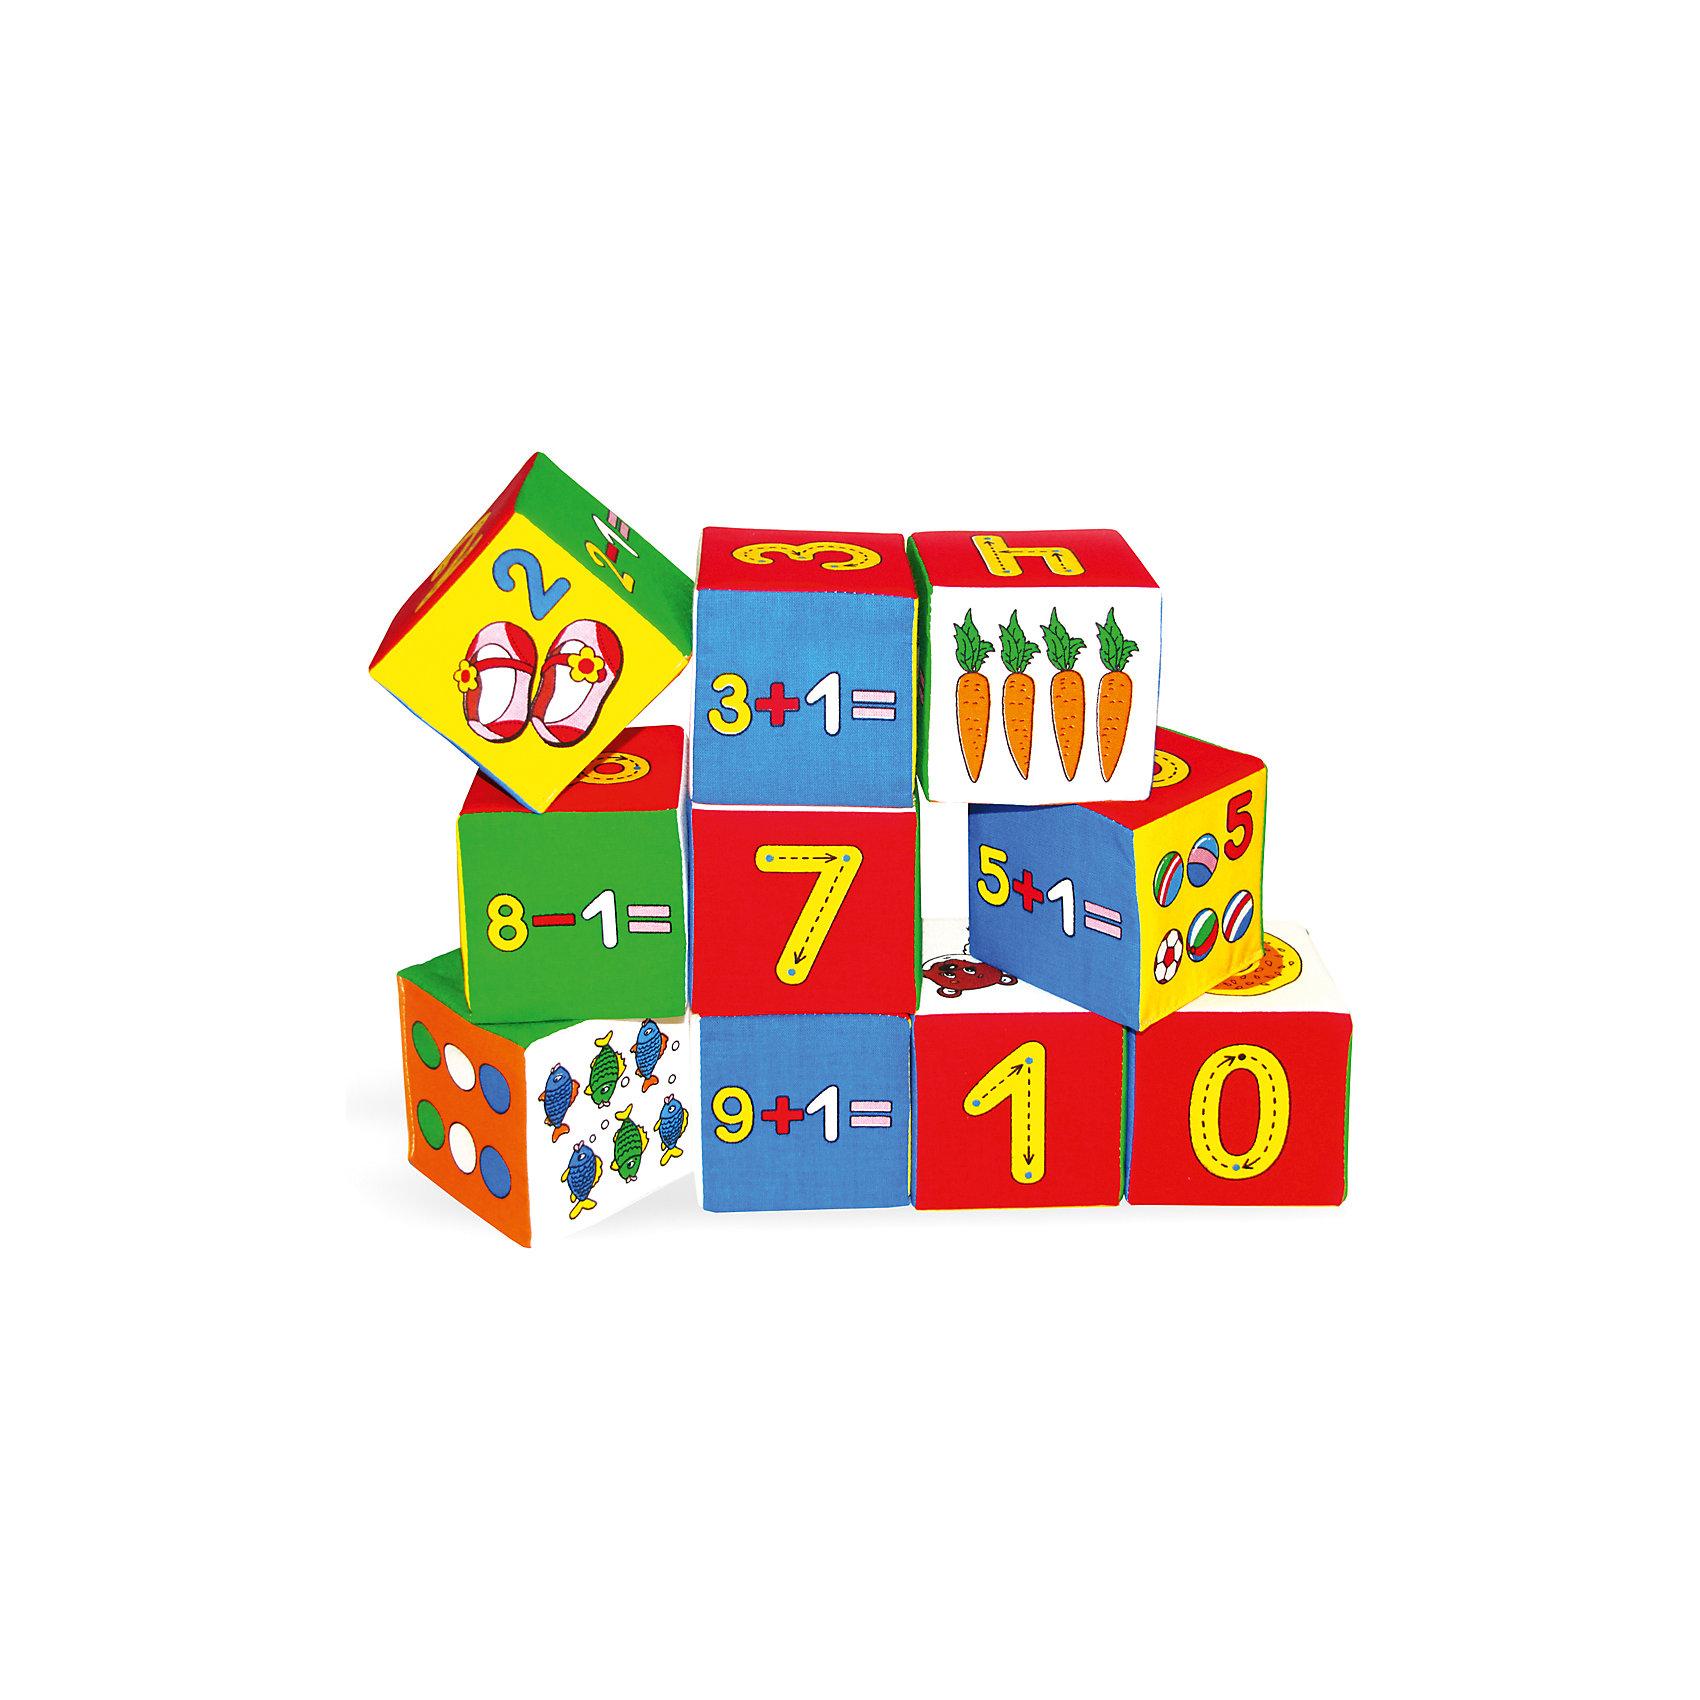 Набор кубиков «Умная математика», МякишиМягкие игрушки<br>Характеристики товара:<br><br>• материал: хлопок, поролон<br>• комплектация: 10 кубиков<br>• размер игрушки: 7,5 см<br>• размер упаковки: 20х50 см<br>• развивающая игрушка<br>• упаковка: пакет<br>• страна бренда: РФ<br>• страна изготовитель: РФ<br><br>Малыши активно познают мир и тянутся к новой информации. Чтобы сделать процесс изучения окружающего пространства интереснее, ребенку можно подарить развивающие игрушки. В процессе игры информация усваивается намного лучше!<br>Такие кубики помогут занять малыша, играть ими приятно и весело. Одновременно они позволят познакомиться со многими цветами, фактурами и предметами, которые ребенку предстоит встретить, а также начать осваивать счет. Такие игрушки развивают тактильные ощущения, моторику, цветовосприятие, логику, воображение, учат фокусировать внимание. Каждое изделие абсолютно безопасно – оно создано из качественной ткани с мягким наполнителем. Игрушки производятся из качественных и проверенных материалов, которые безопасны для детей.<br><br>Набор кубиков «Умная математика» от бренда Мякиши можно купить в нашем интернет-магазине.<br><br>Ширина мм: 150<br>Глубина мм: 80<br>Высота мм: 380<br>Вес г: 80<br>Возраст от месяцев: 12<br>Возраст до месяцев: 36<br>Пол: Унисекс<br>Возраст: Детский<br>SKU: 5183174